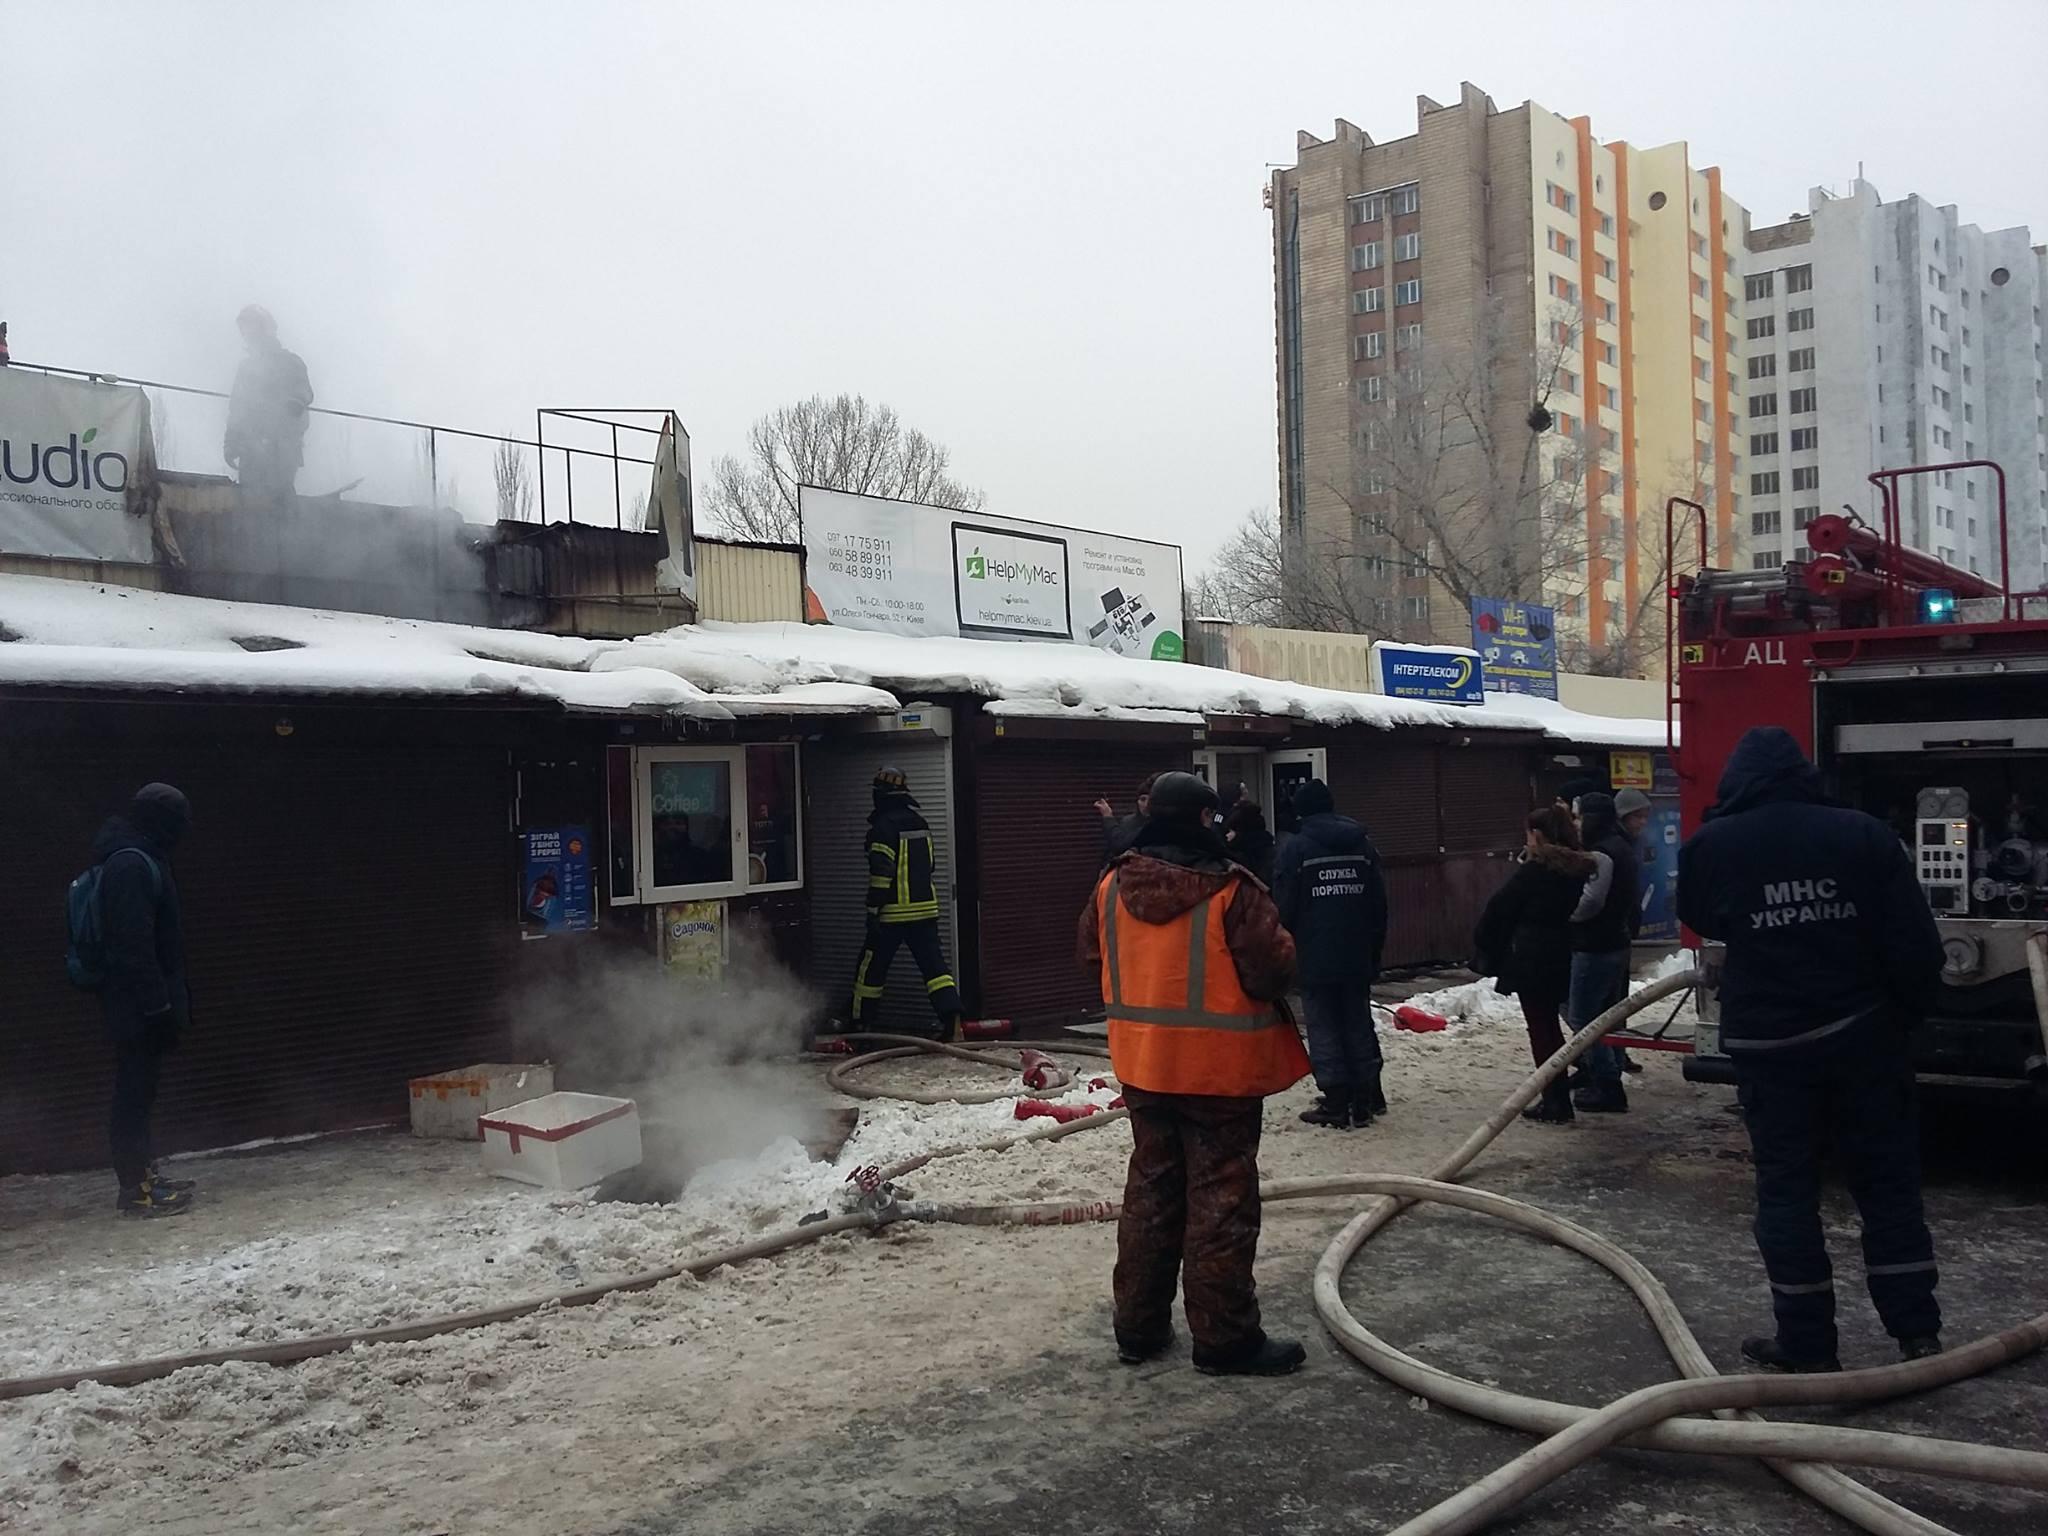 В результате пожара на радиорынке в Киеве сгорел один павильон